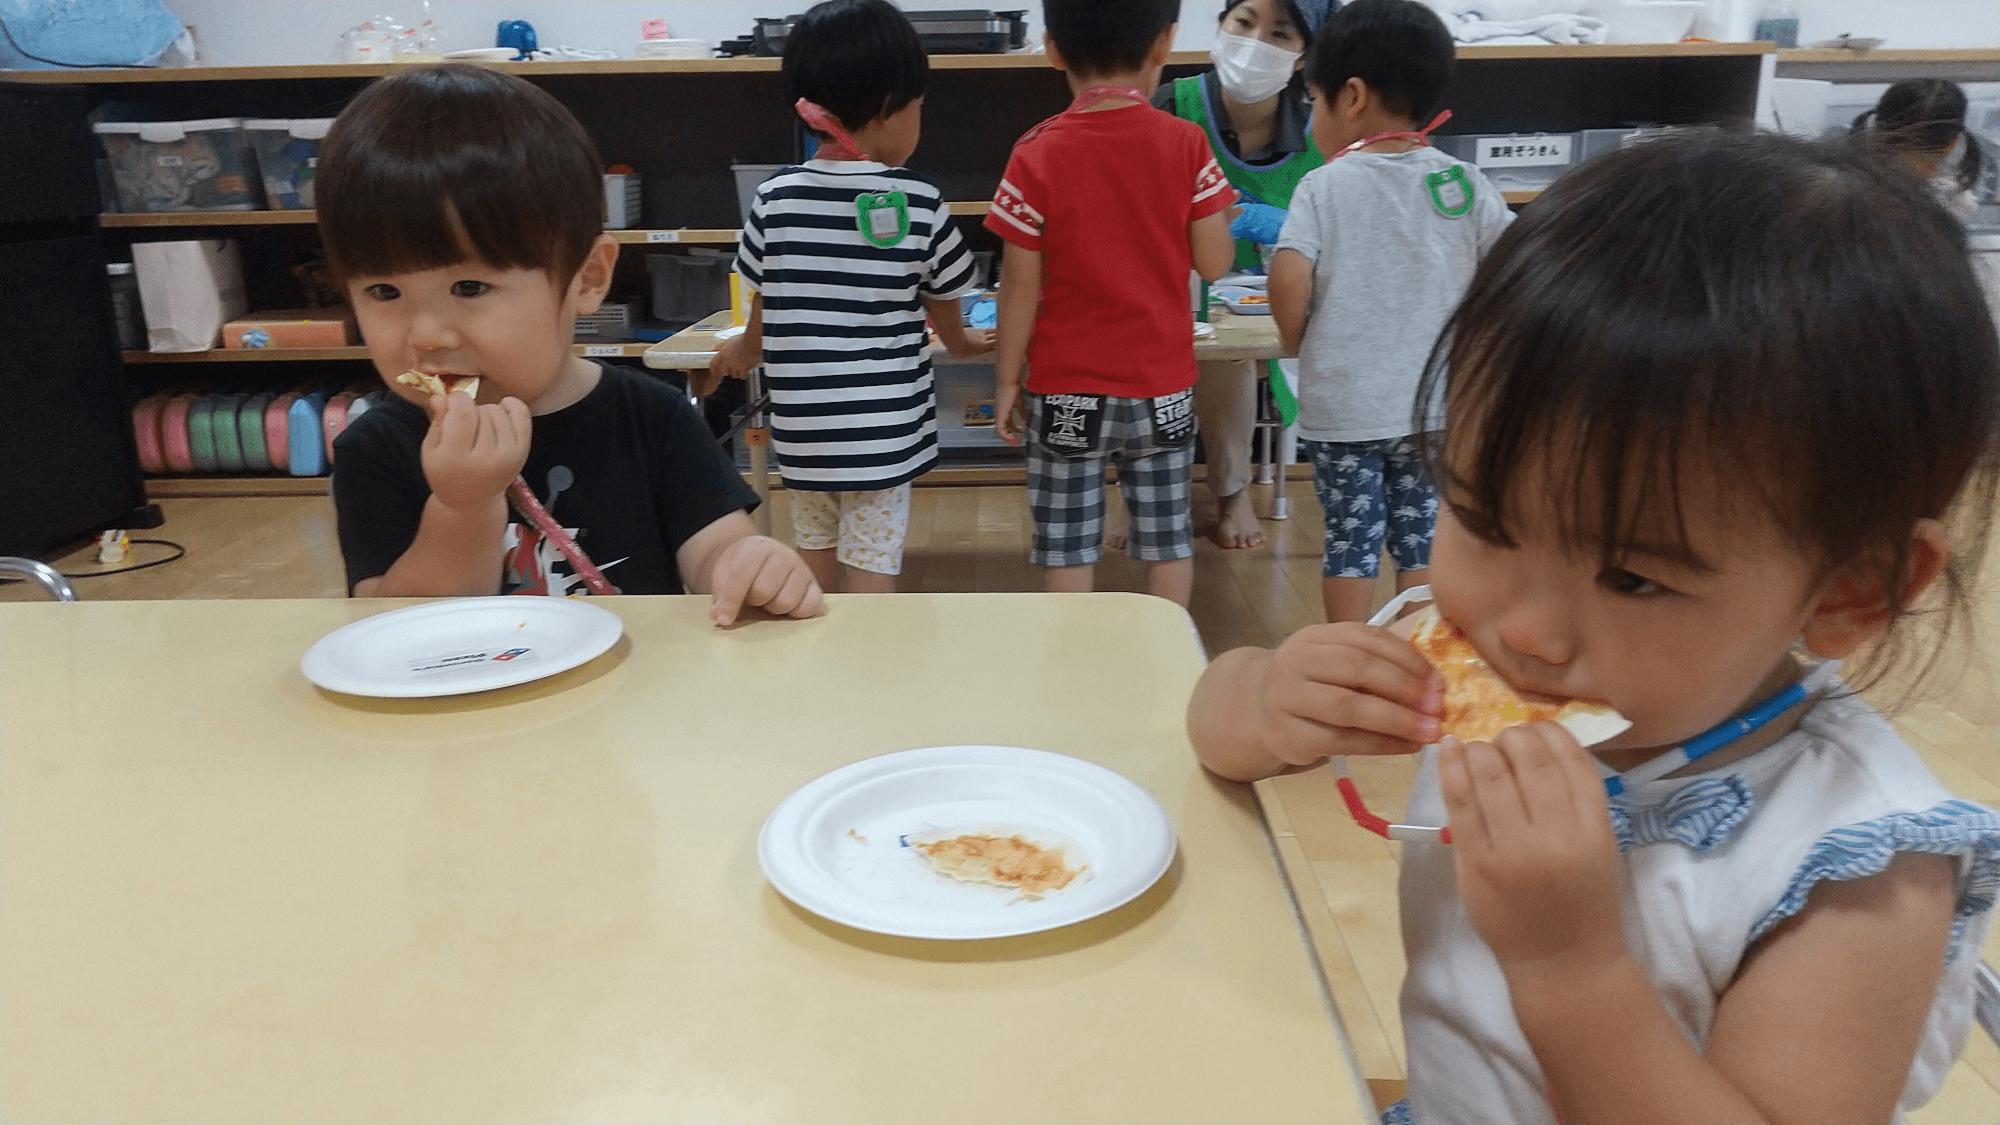 焼きあがったピザを食べる子どもたち